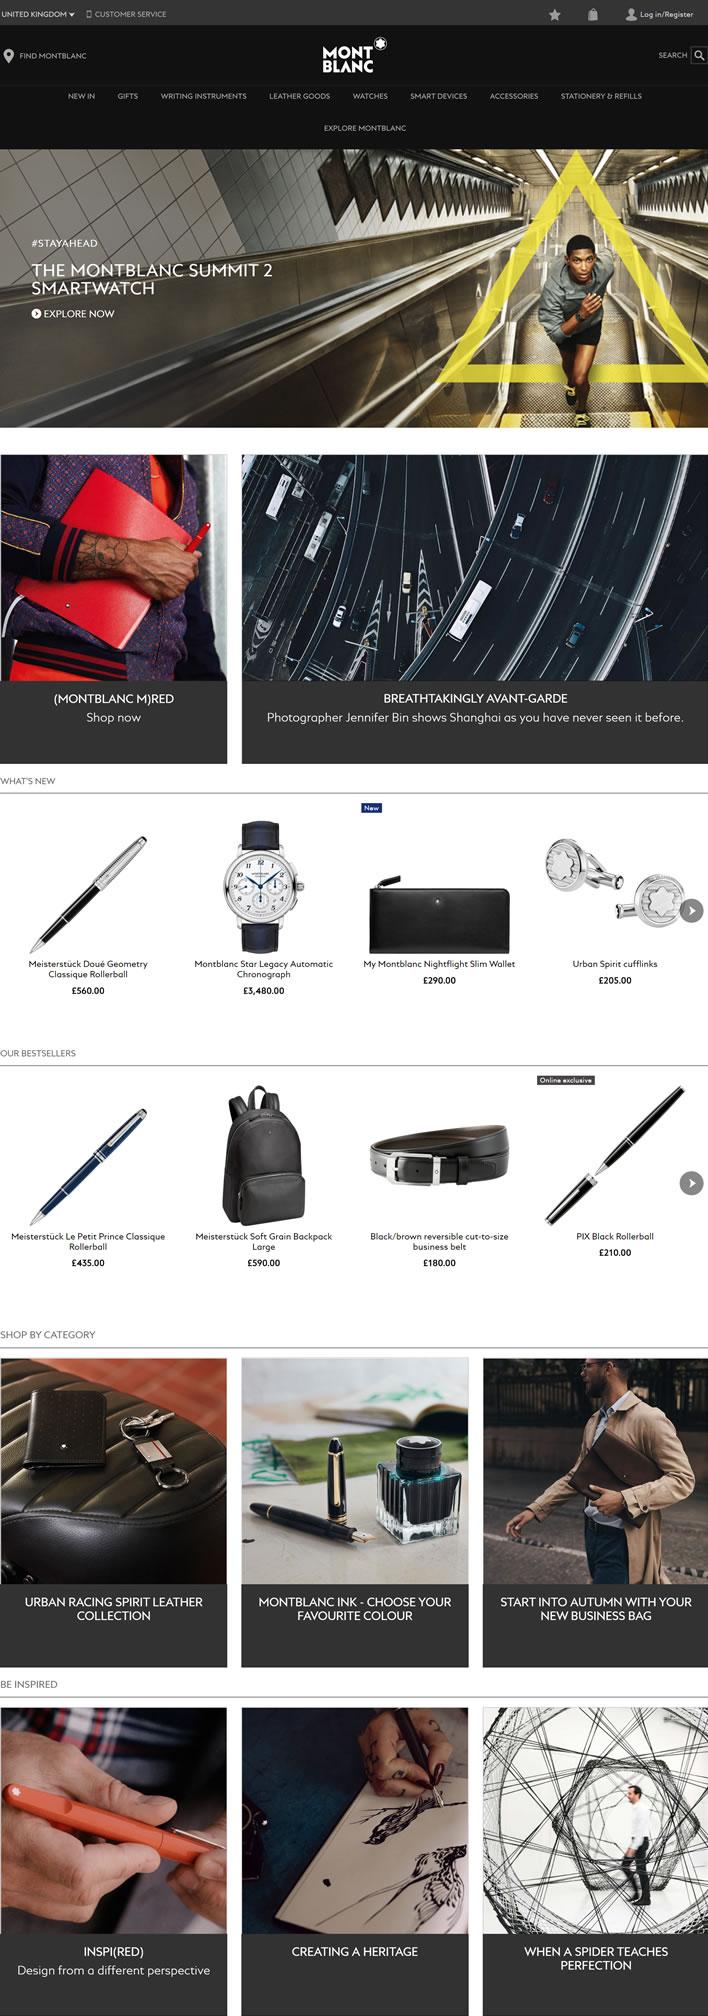 万宝龙英国官网:Montblanc手表、书写工具、皮革和珠宝